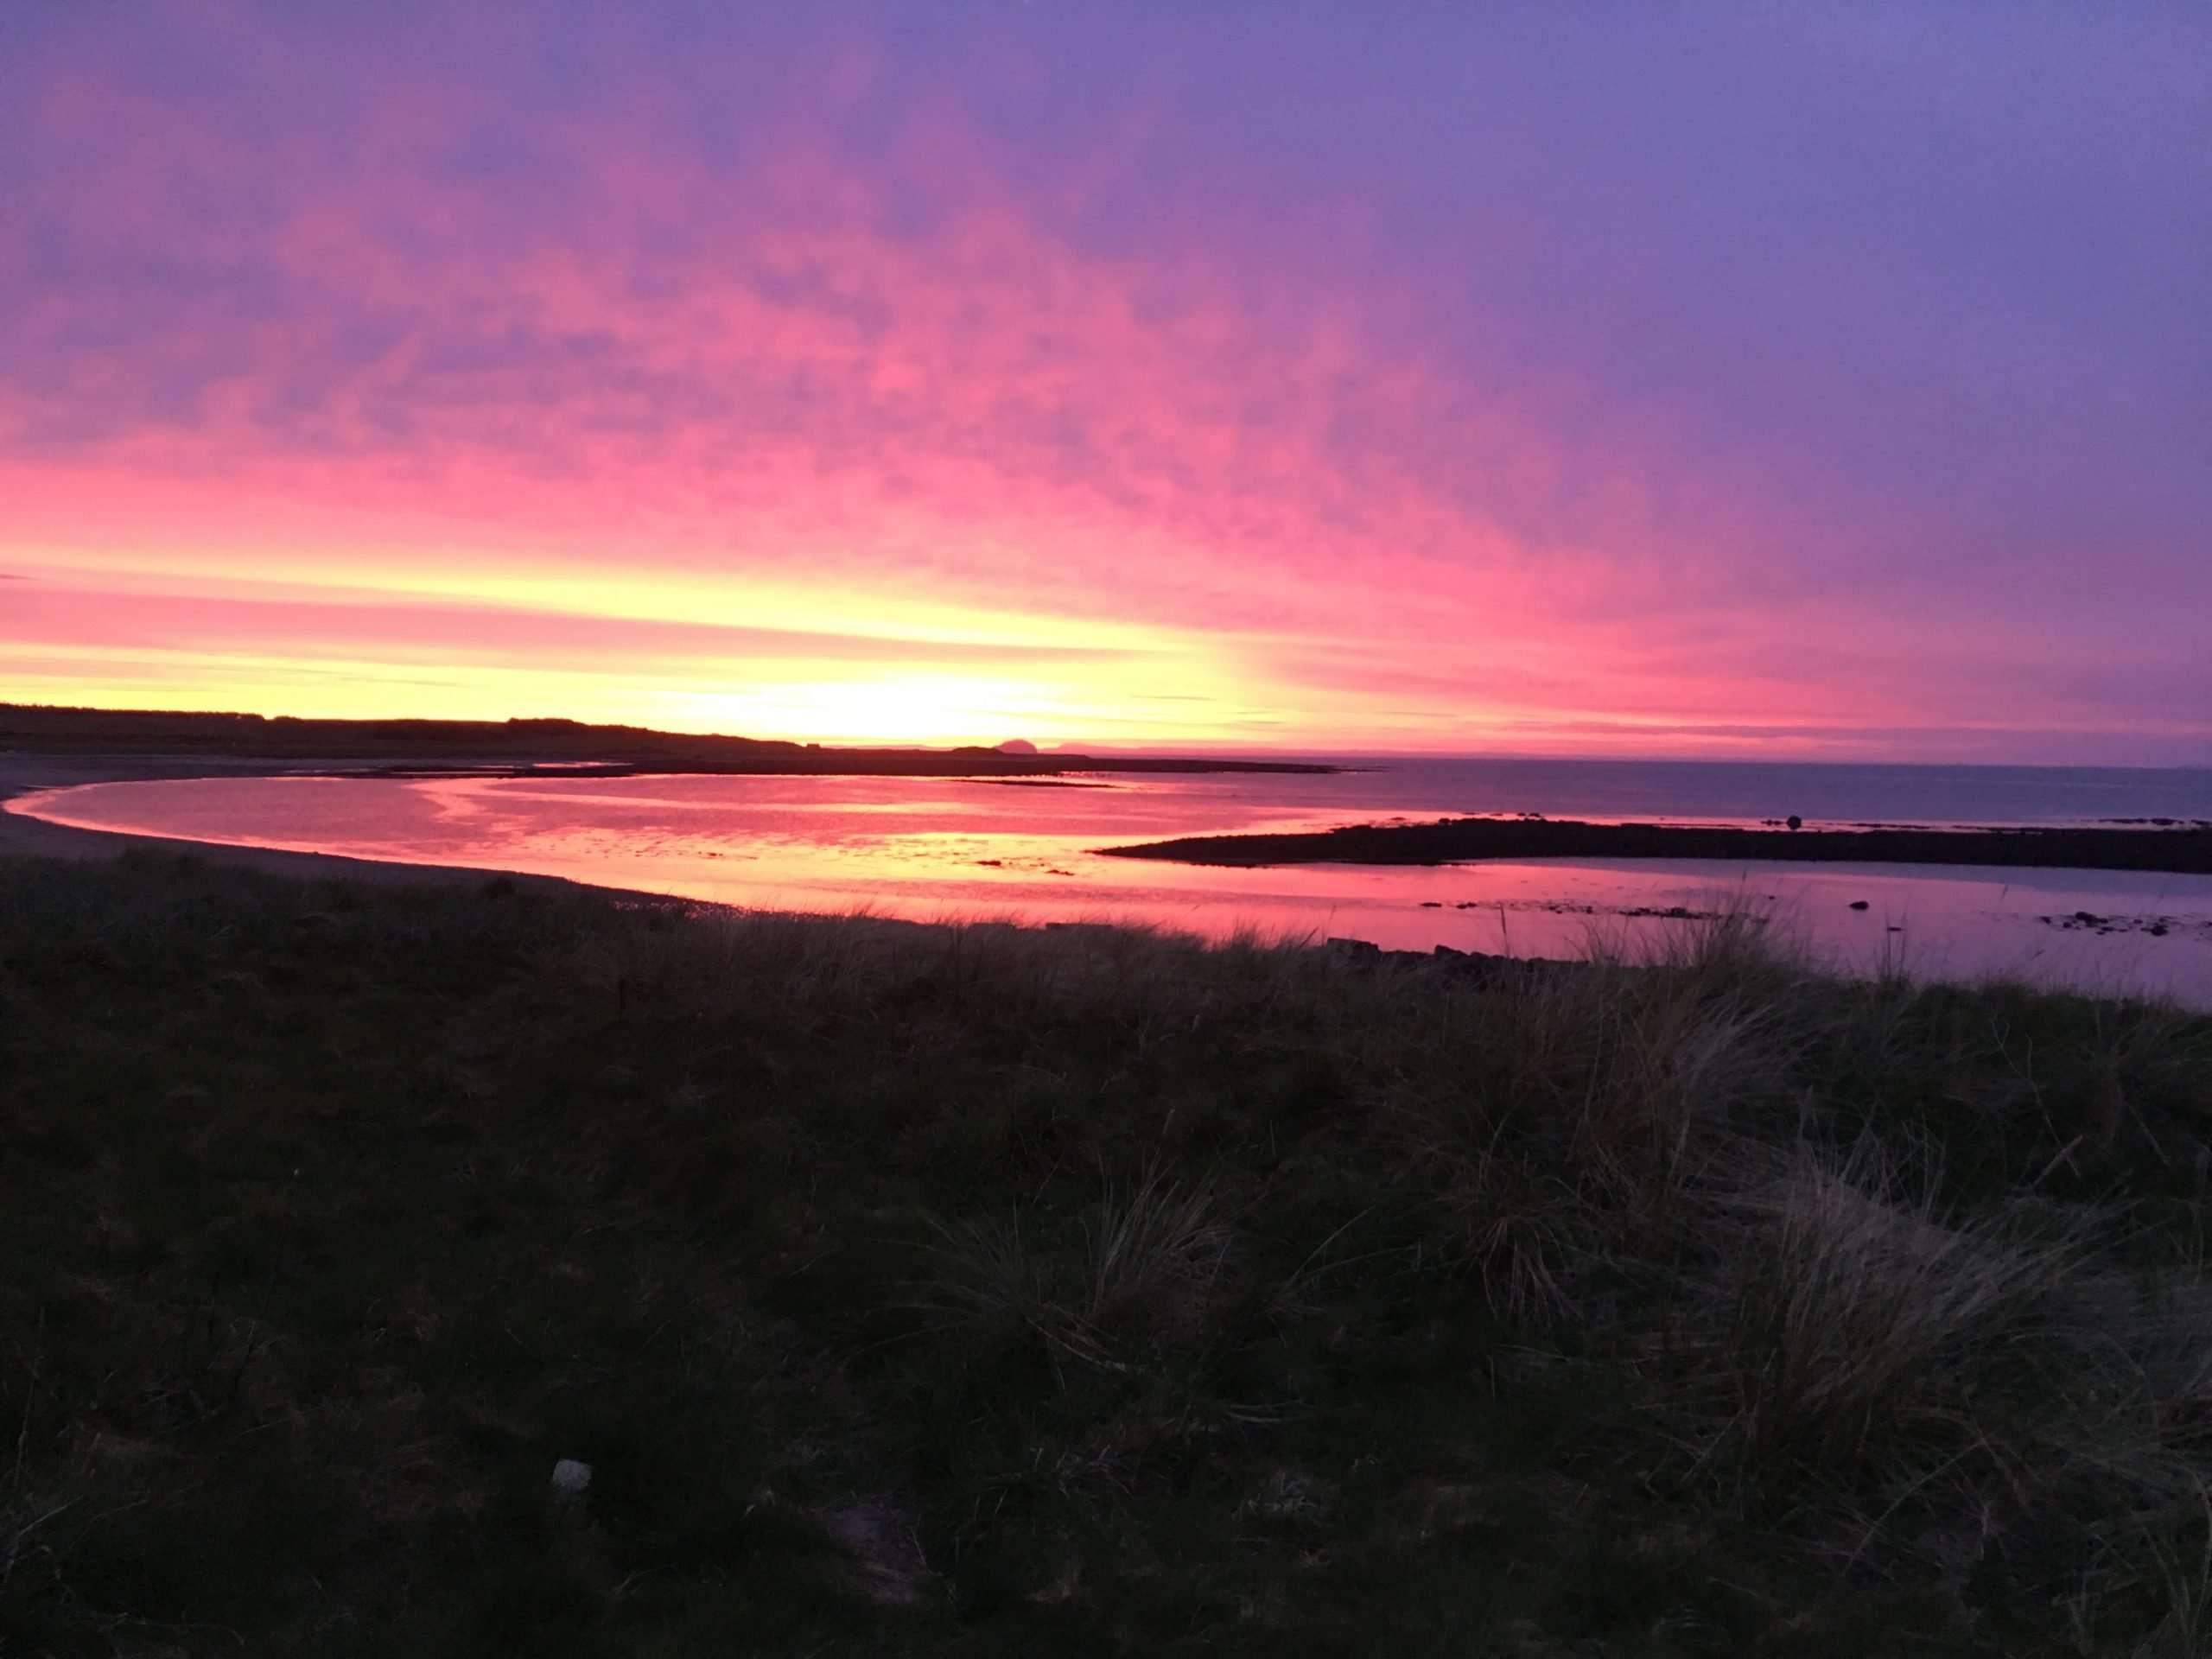 Sunset at the beach near Dunbar